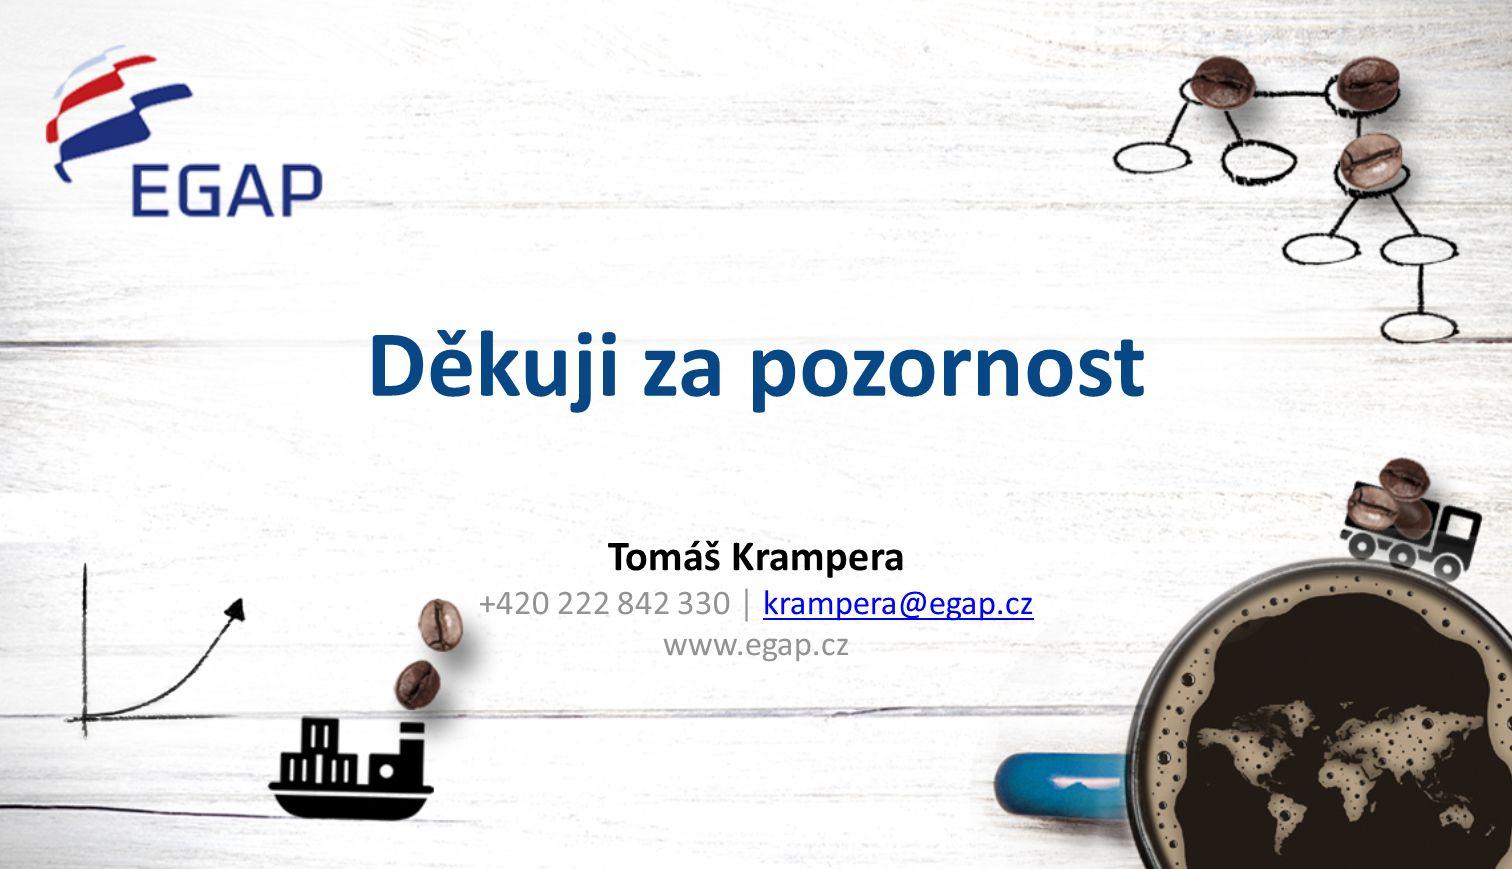 Děkuji za pozornost Tomáš Krampera +420 222 842 330 │ krampera@egap.czkrampera@egap.cz www.egap.cz